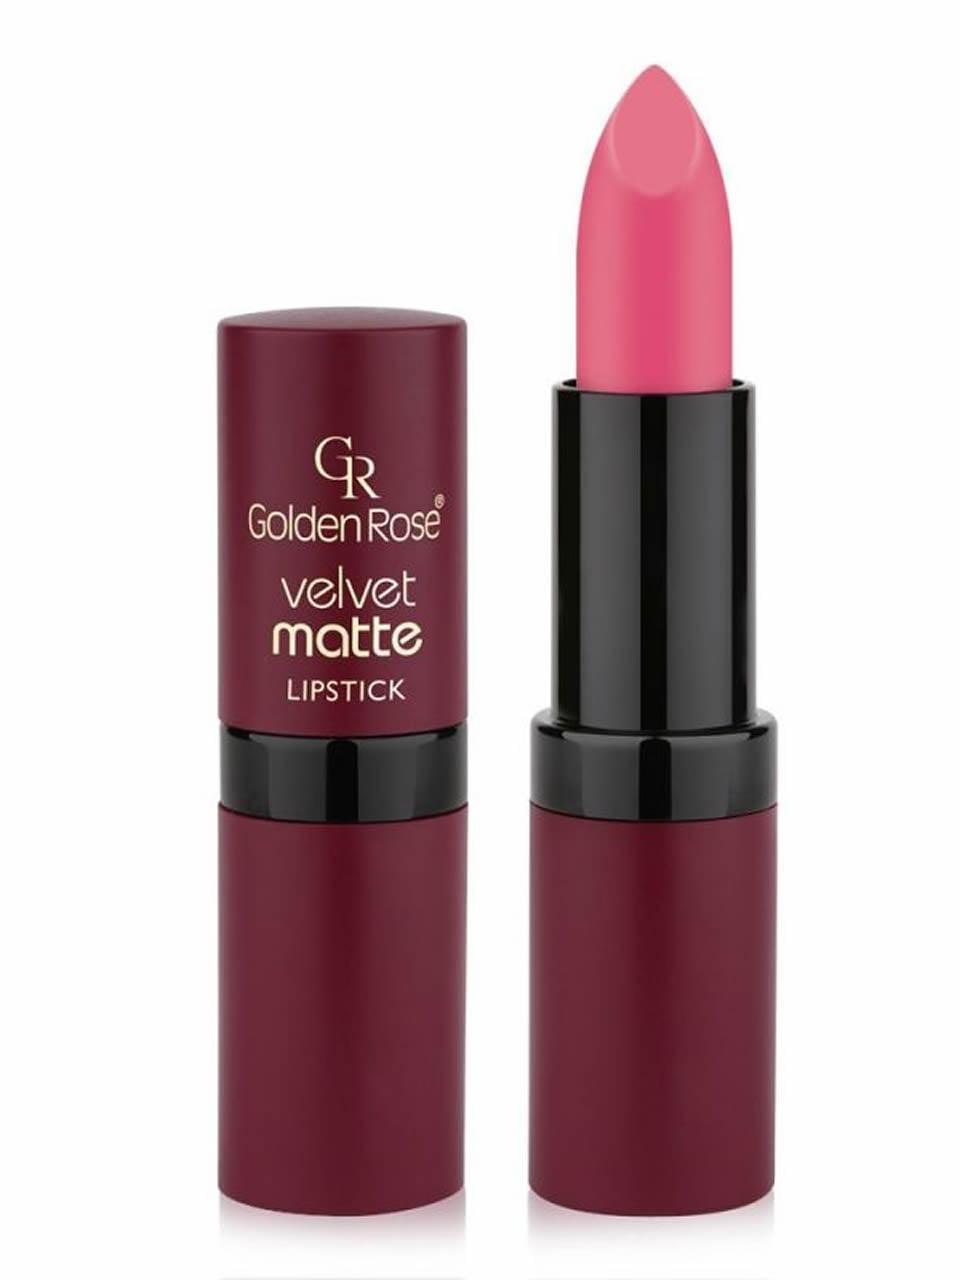 Golden Rose Velvet Matte Lipstick 34 Scarlett Walmartcom